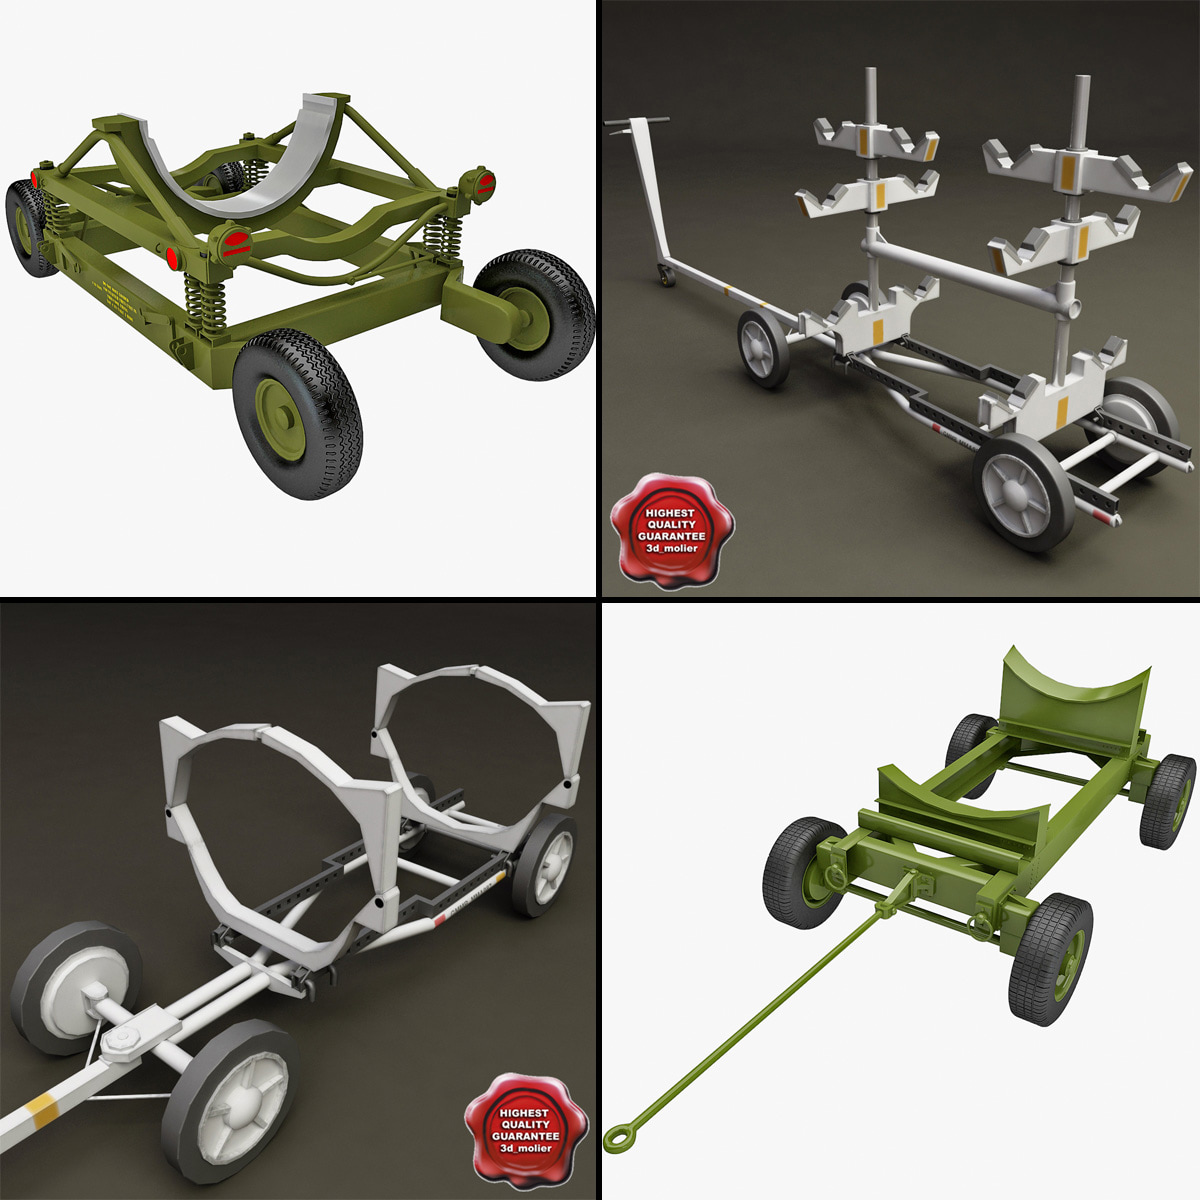 3d model of bomb carts 3